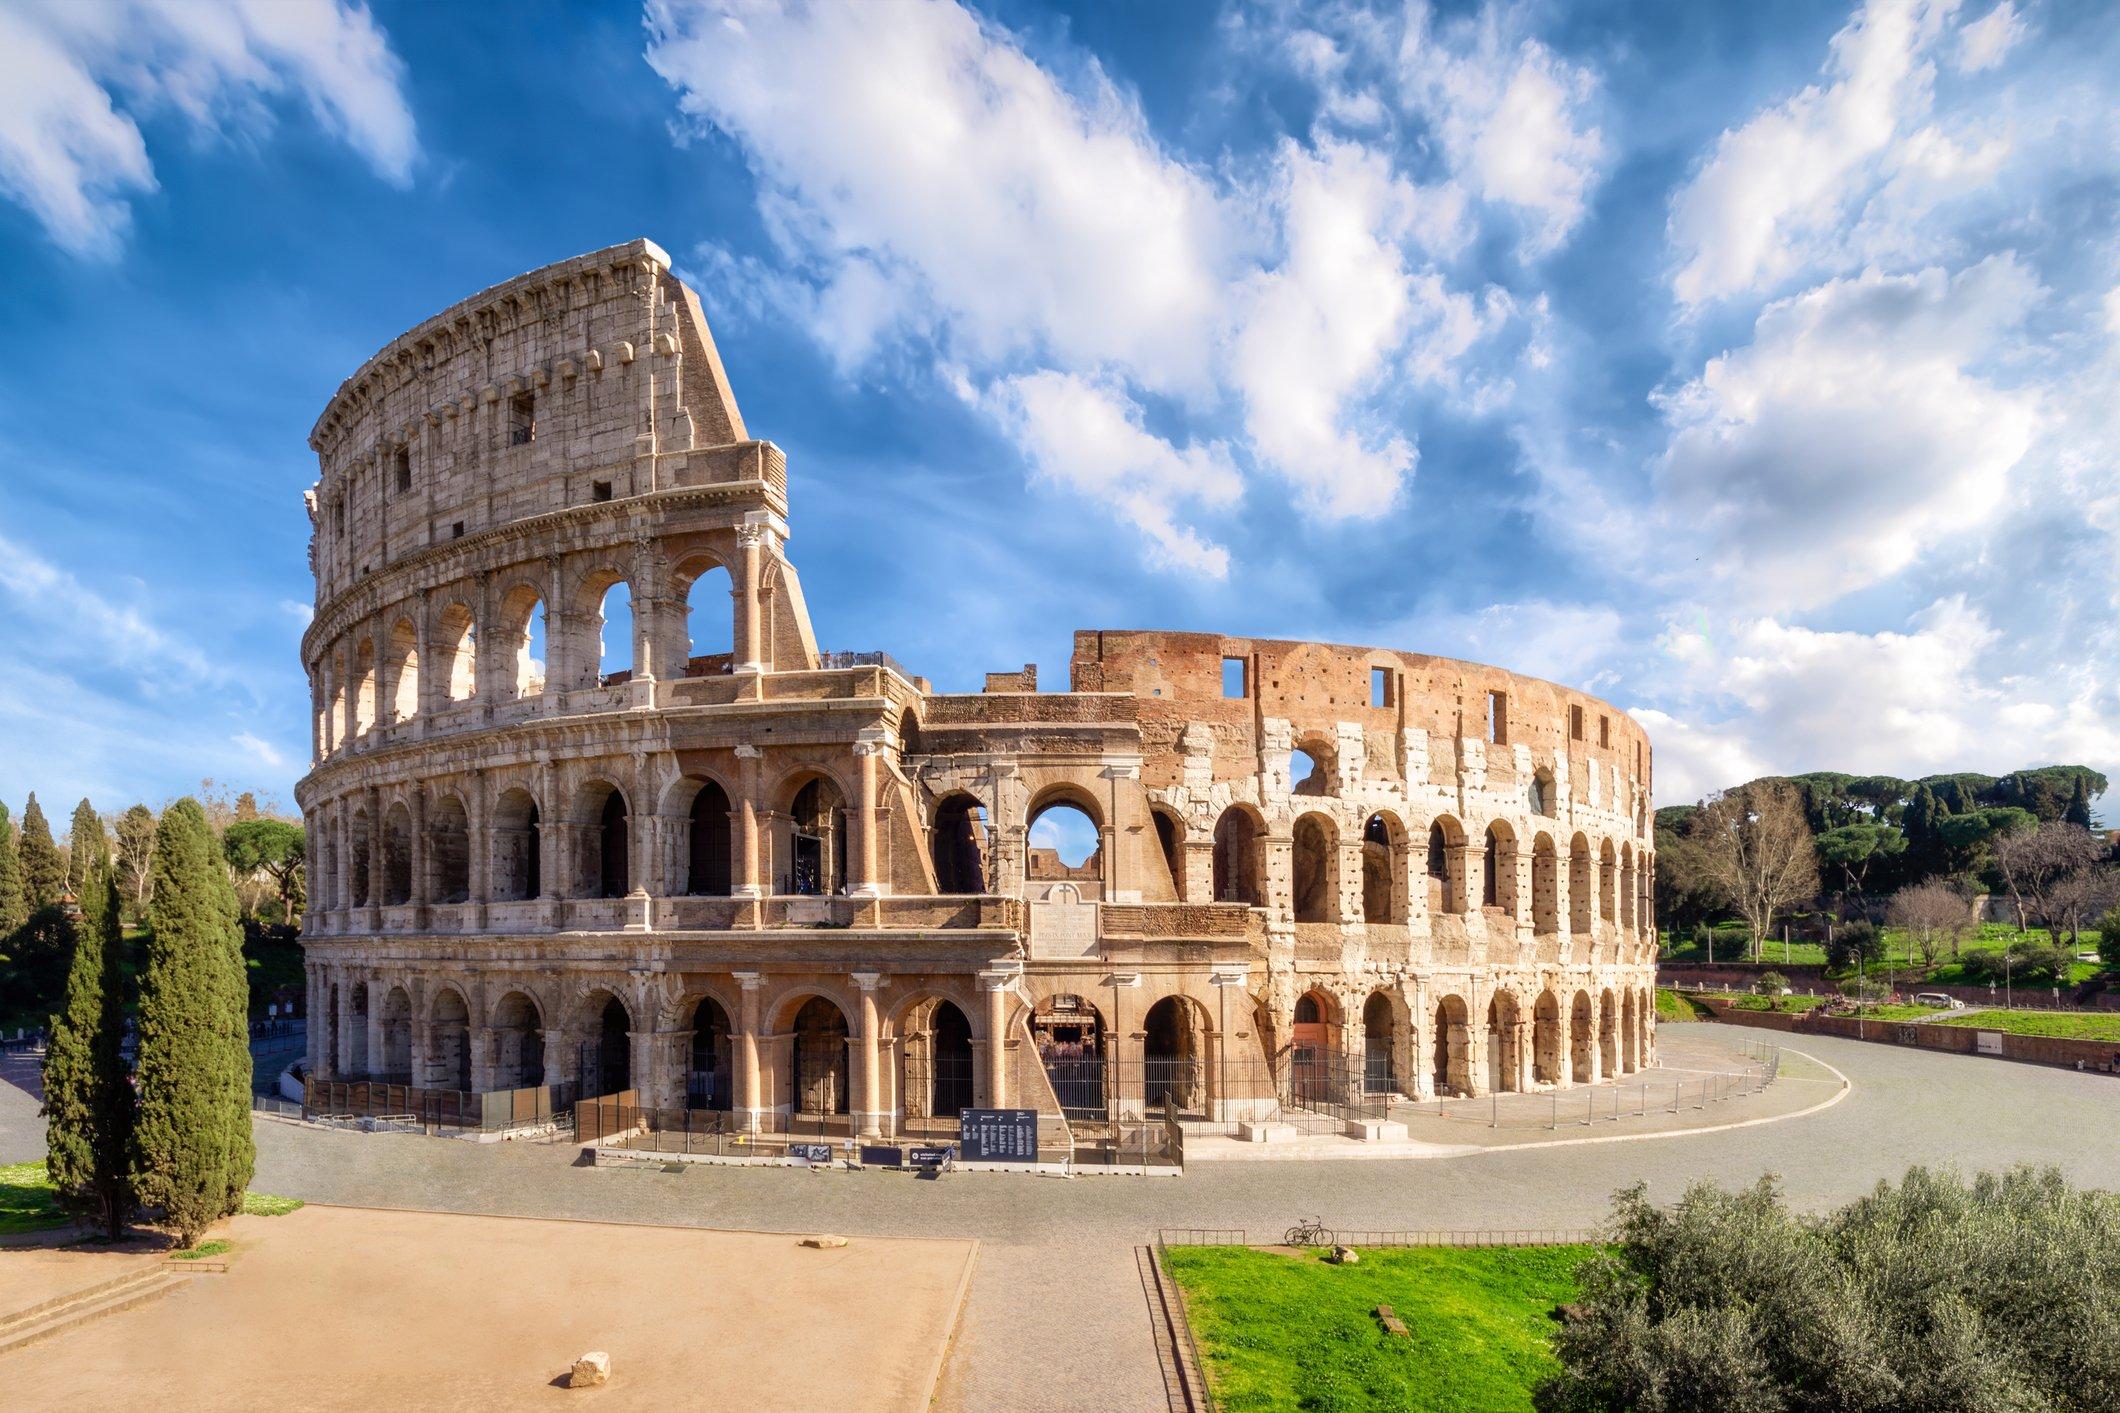 تاريخ مدرج الكولوسيوم الشهير - مدرج حجري ضخم أنشأه الإمبراطور فسبازيان من سلالة فلافيان - الإمبراطور الروماني نيرون - مدرج روما الفديم